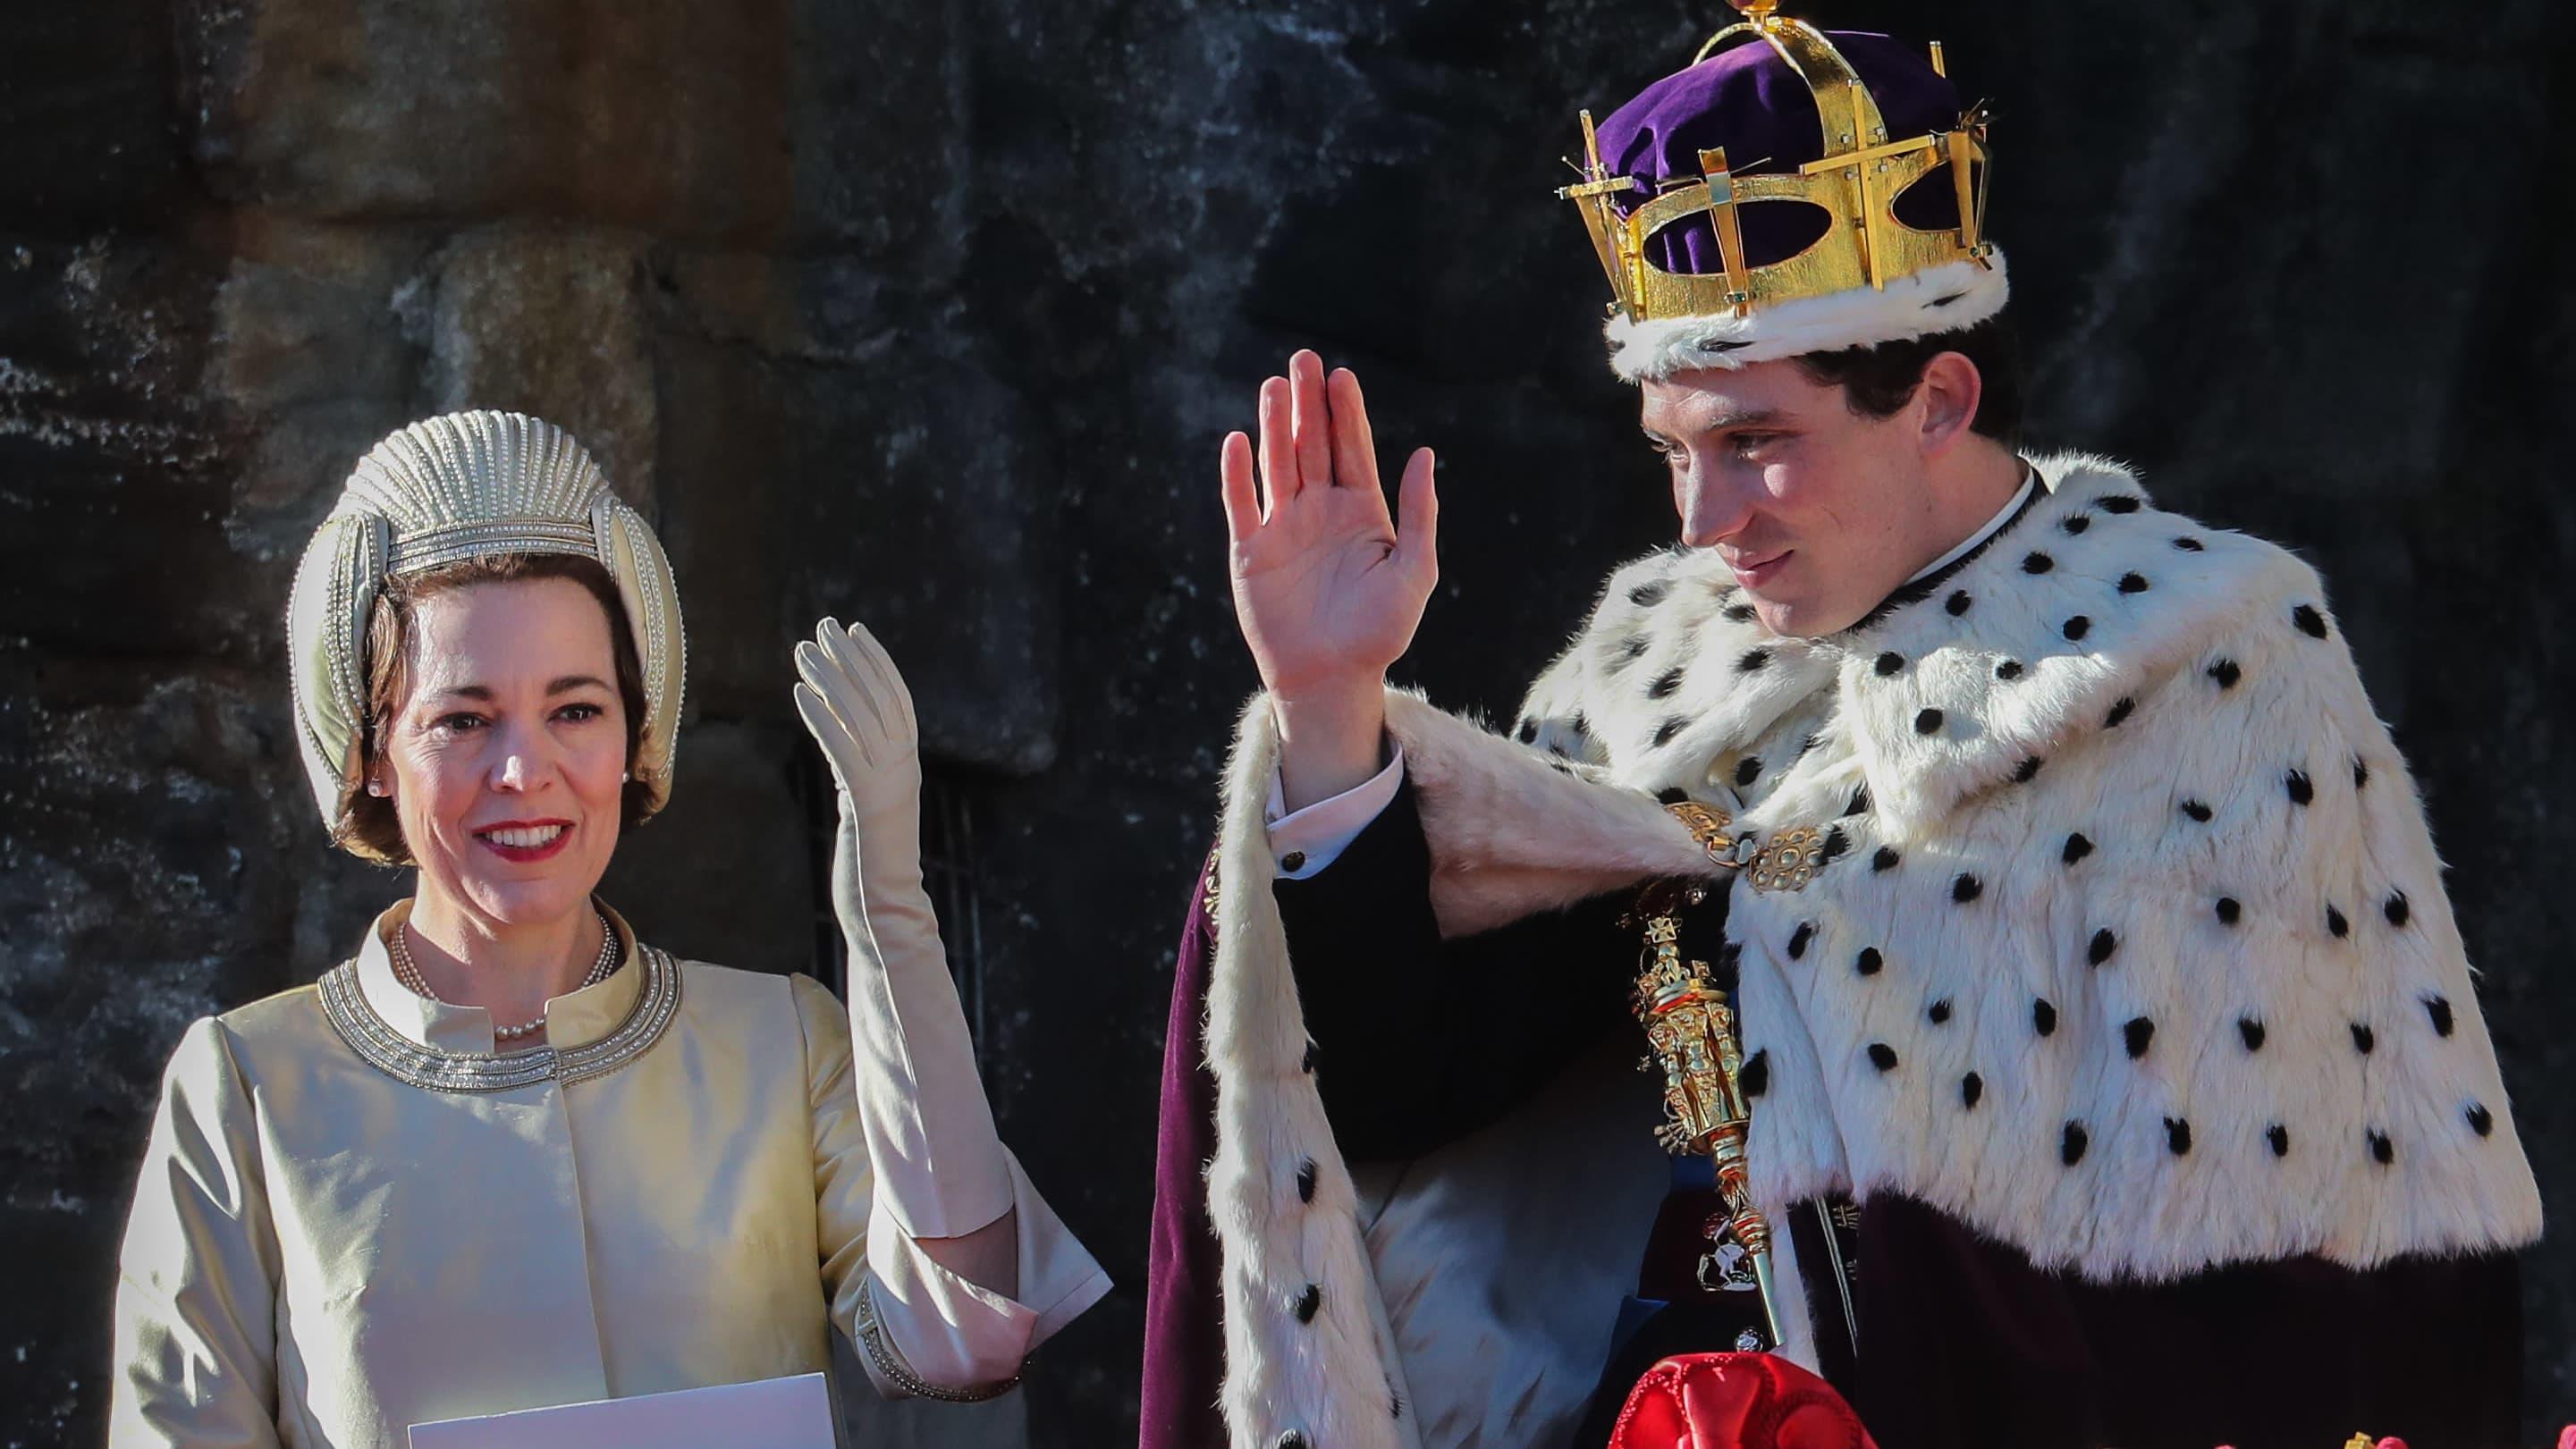 Drottning Elizabeth (Olivia Colman) och prins Charles (Josh O'Connor) vinkar på en balkong, bilden är tagen under inspelningen av serien The Crown.